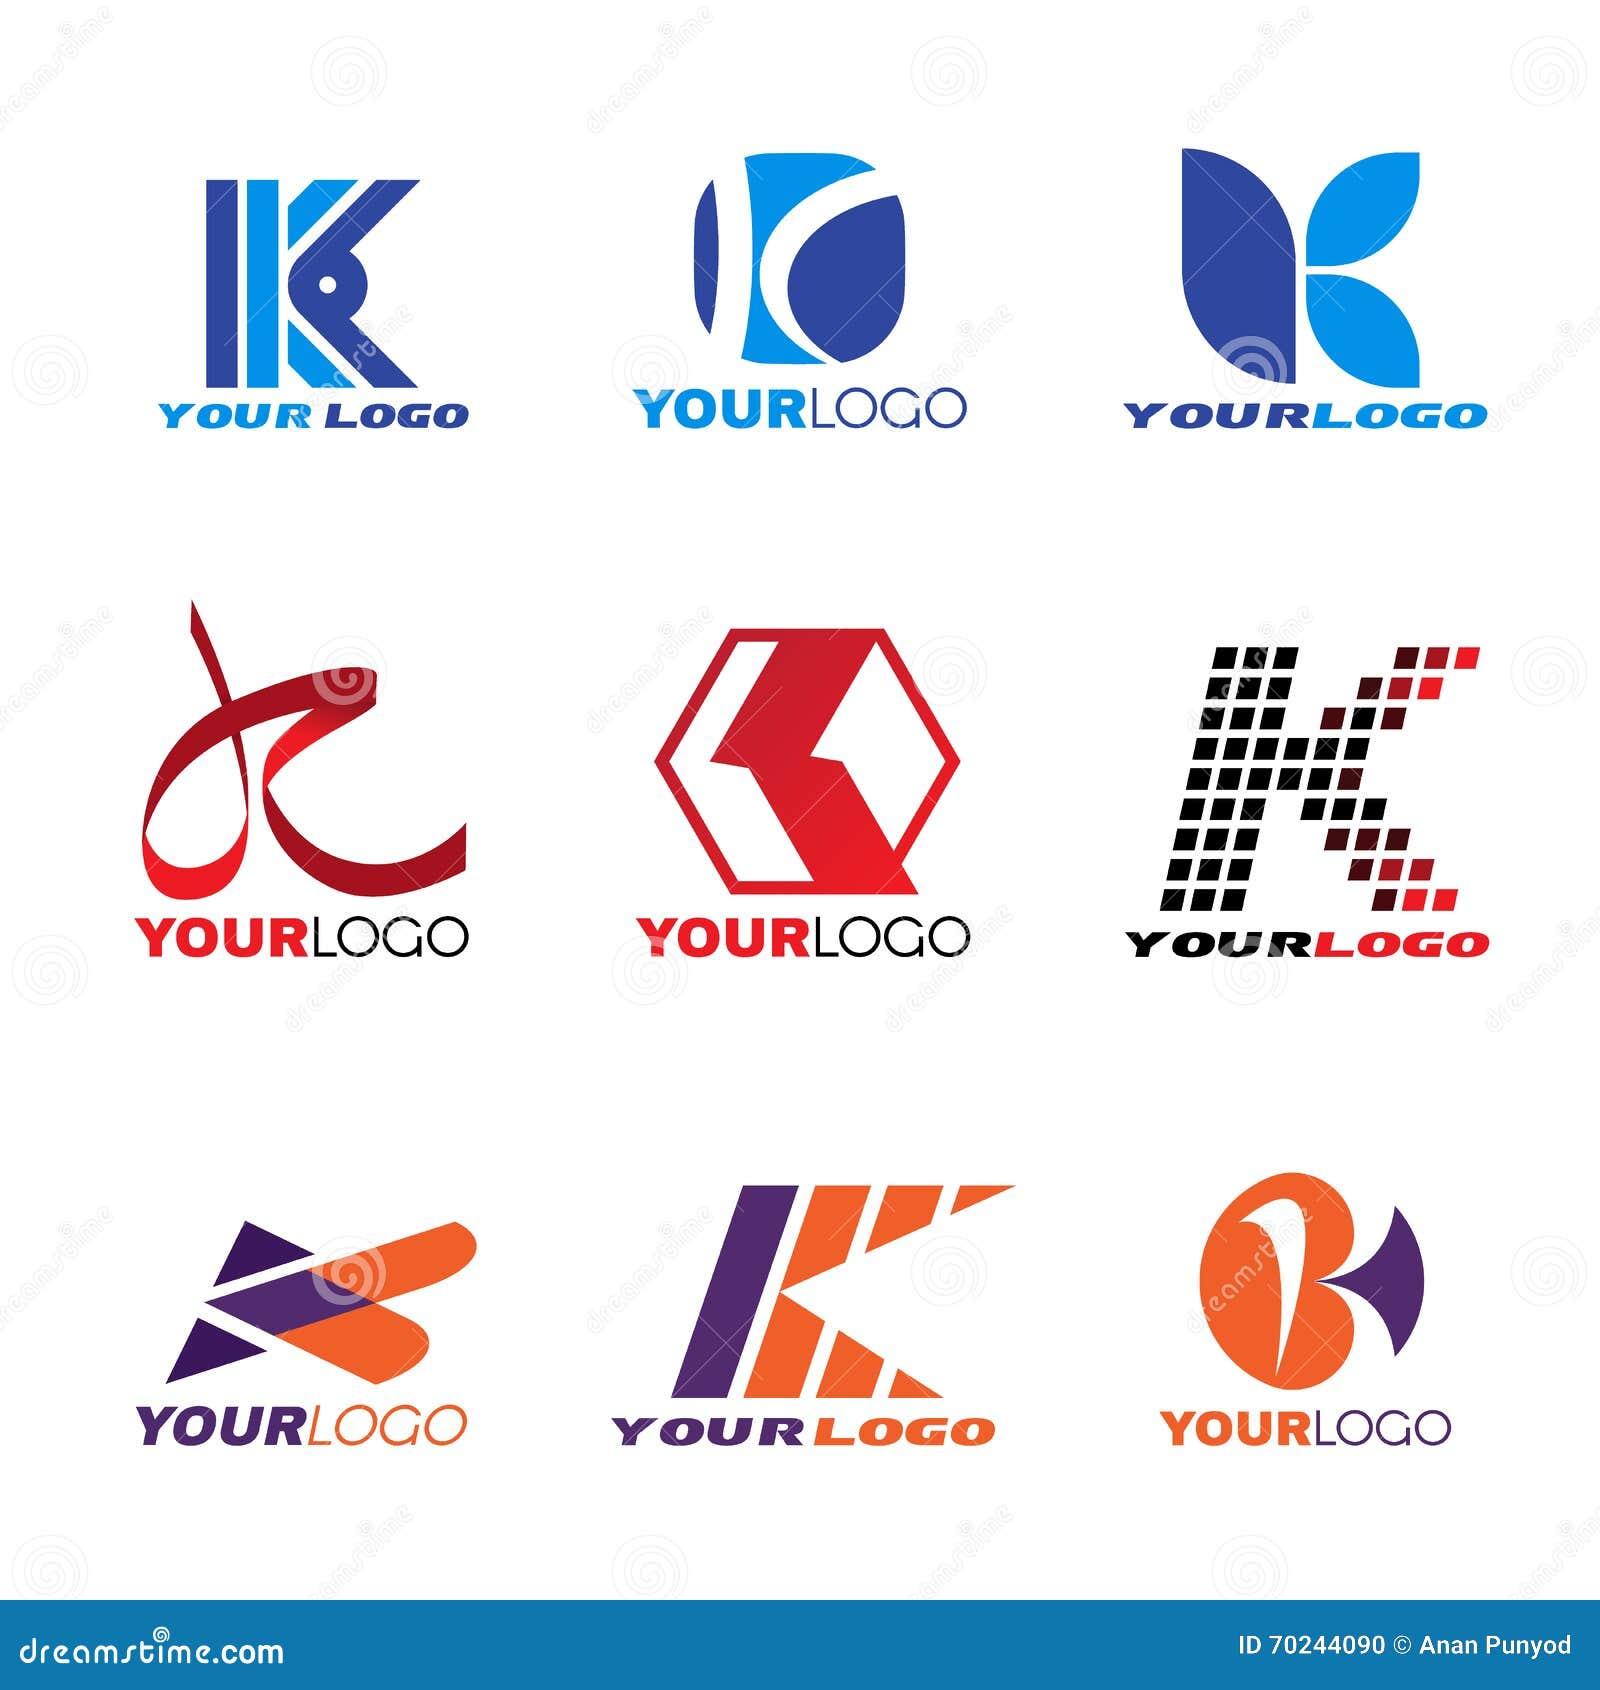 Letter Based Logo Maker  Design Letter Based Logos